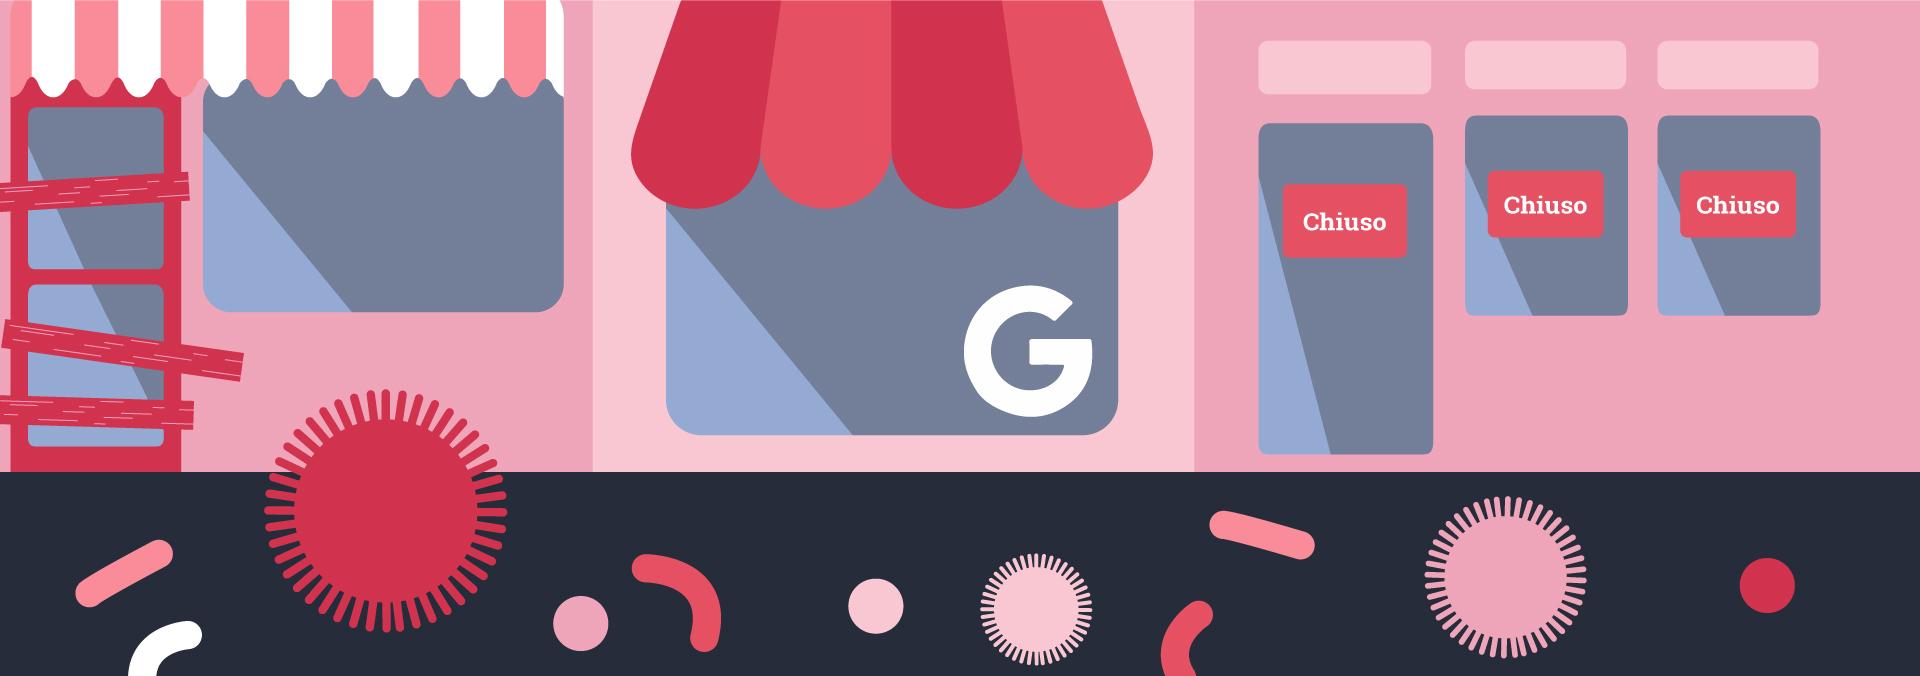 Aziende locali e Coronavirus: cosa ci consiglia Google?